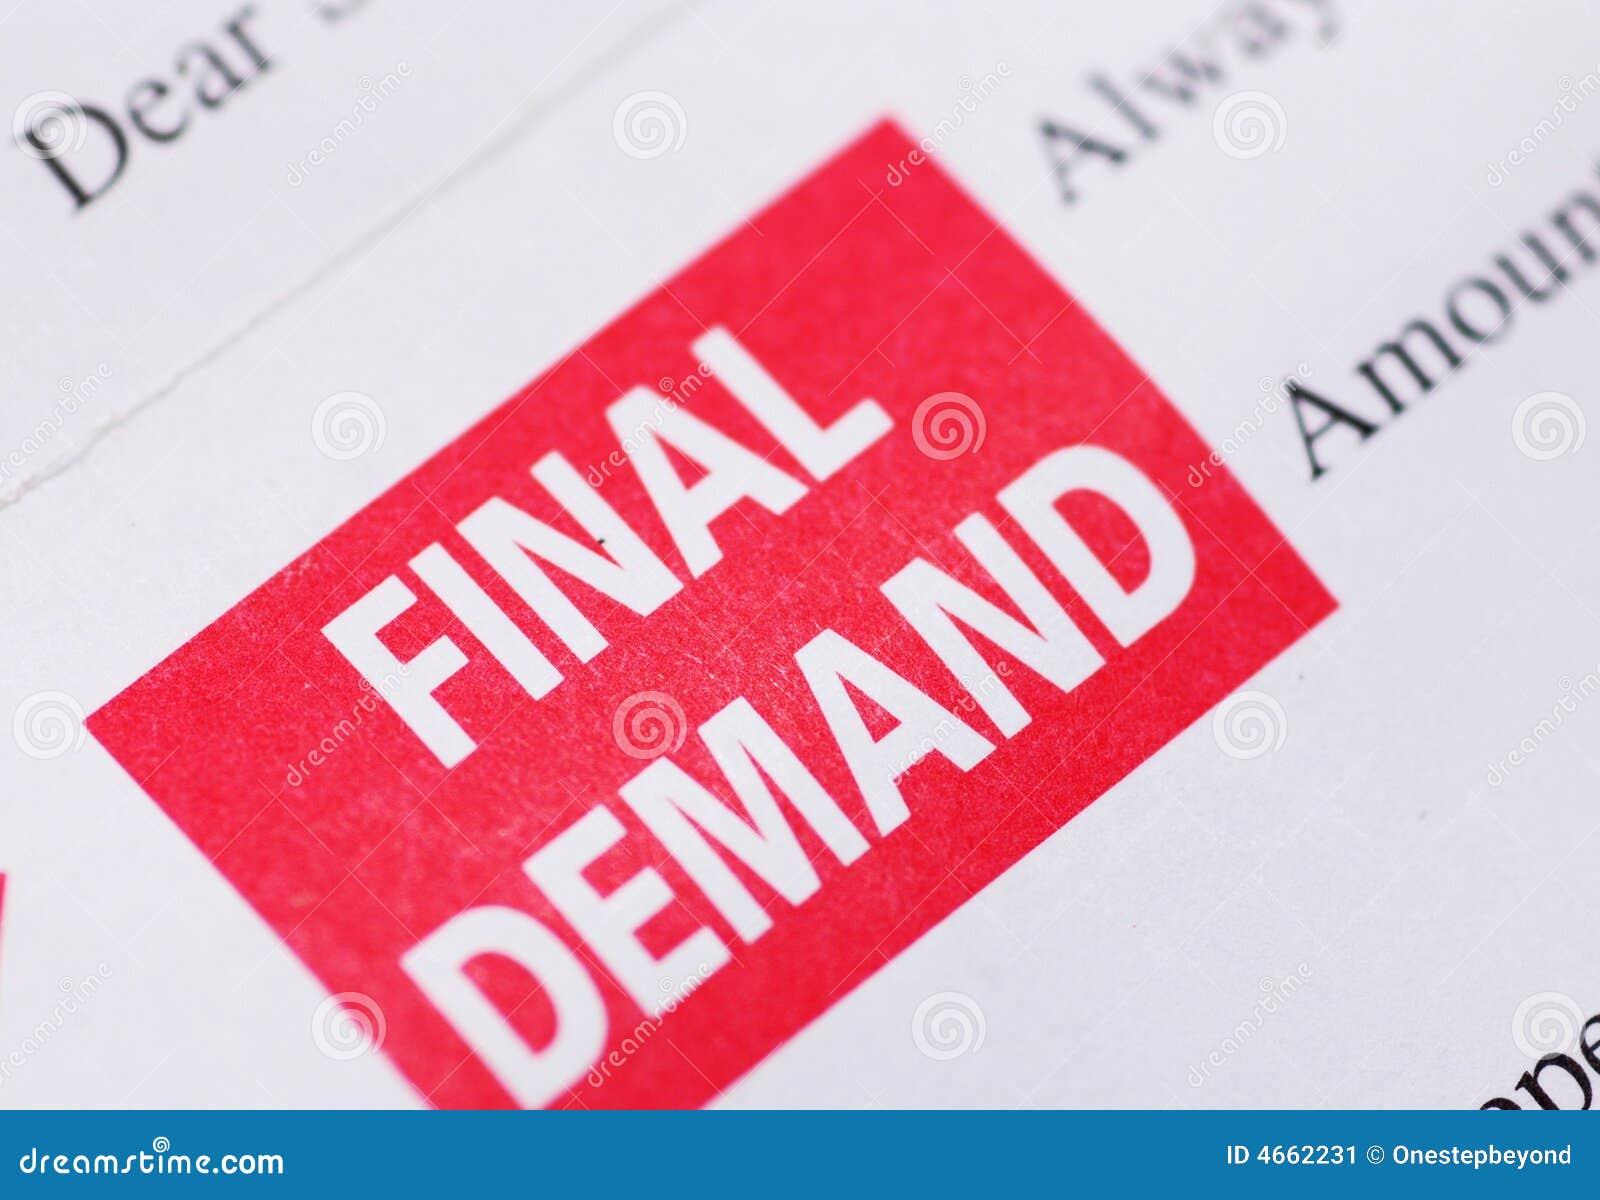 Final Demand Stock Image Of Debt Report